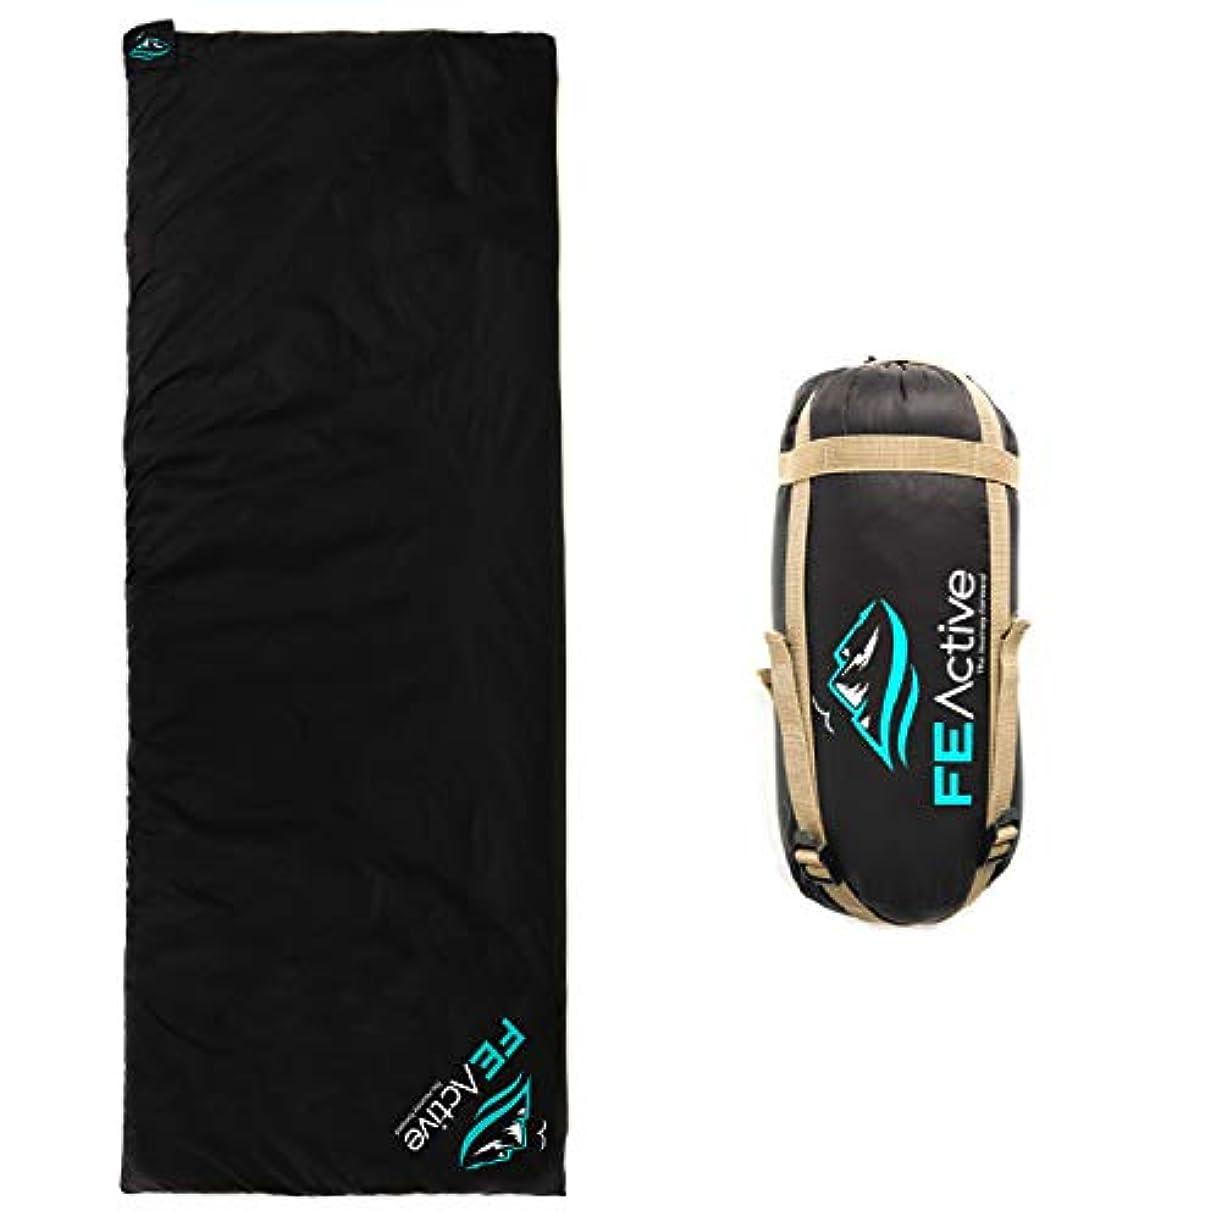 エイリアスシミュレートする電極FE Active -キャンプ用スリーピングバッグ 寝袋 超軽量 防水性 コンパクトスリーピングバッグ、アウトドア?キャンプ?バックパッキング?ハイキング?トレッキング用 | デザイン:アメリカ?カリフォルニア